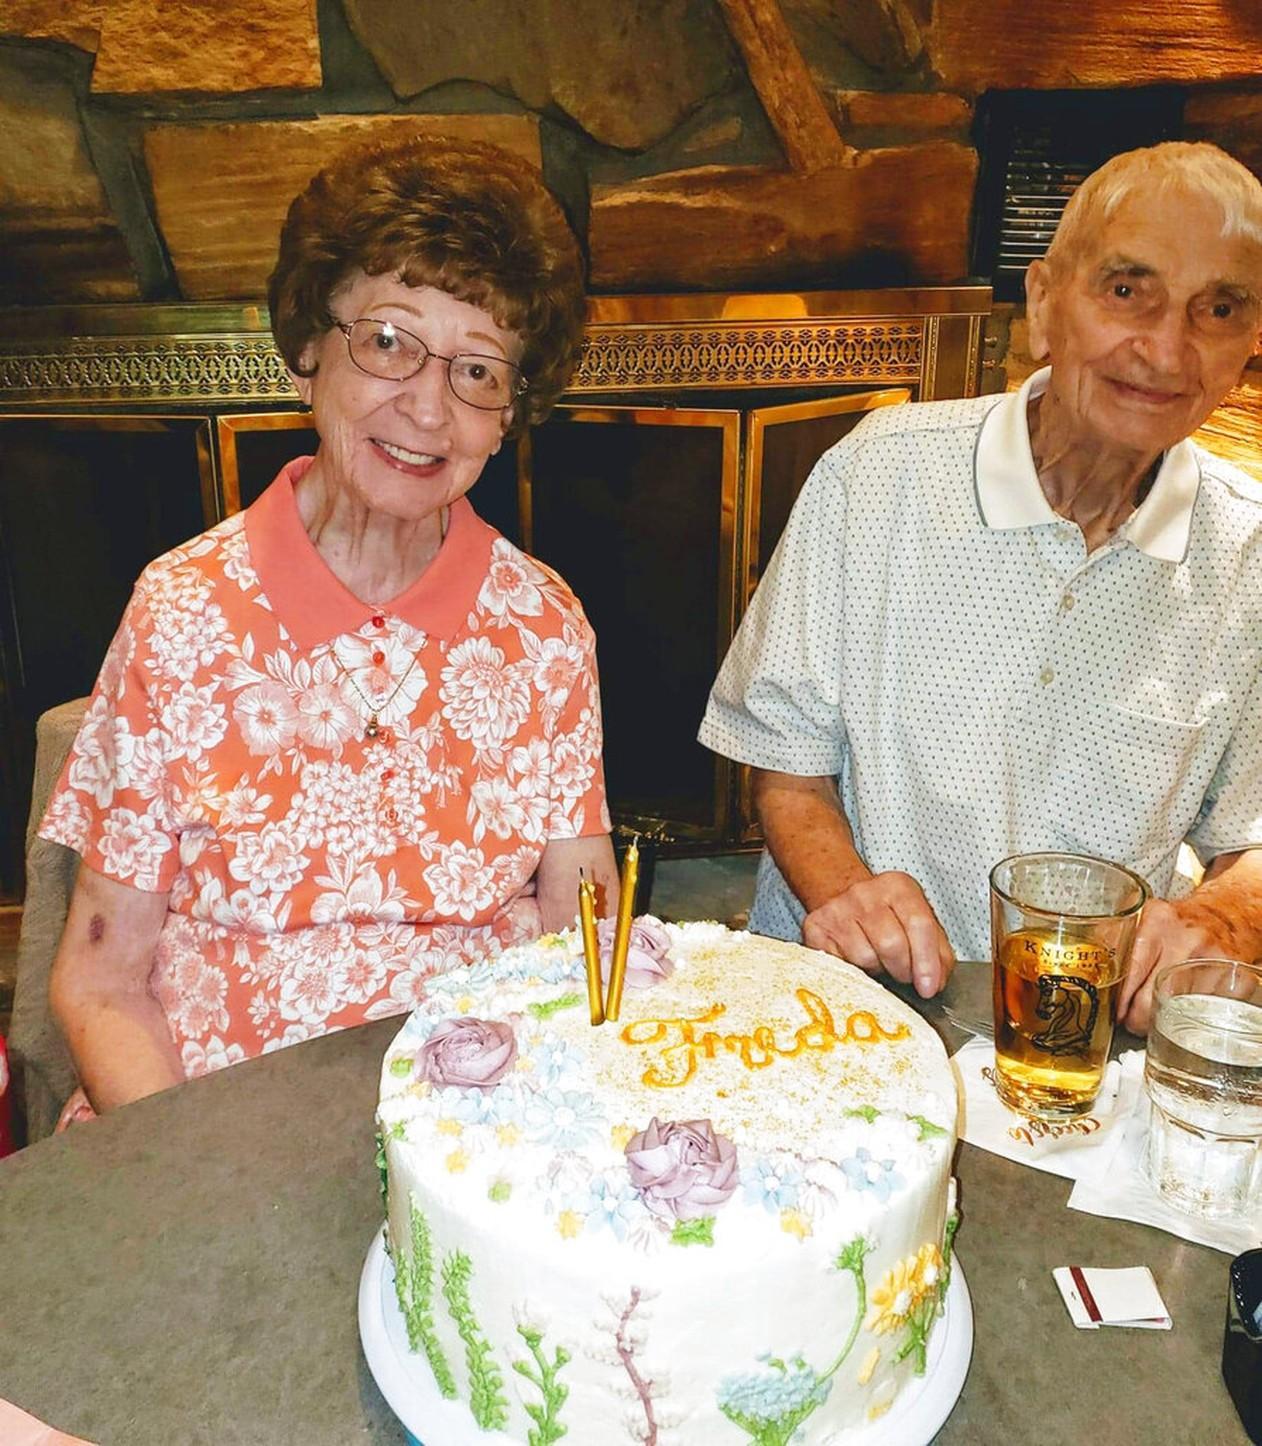 Marido e mulher morrem com 20 minutos de diferença entre eles depois de passarem 70 anos juntos